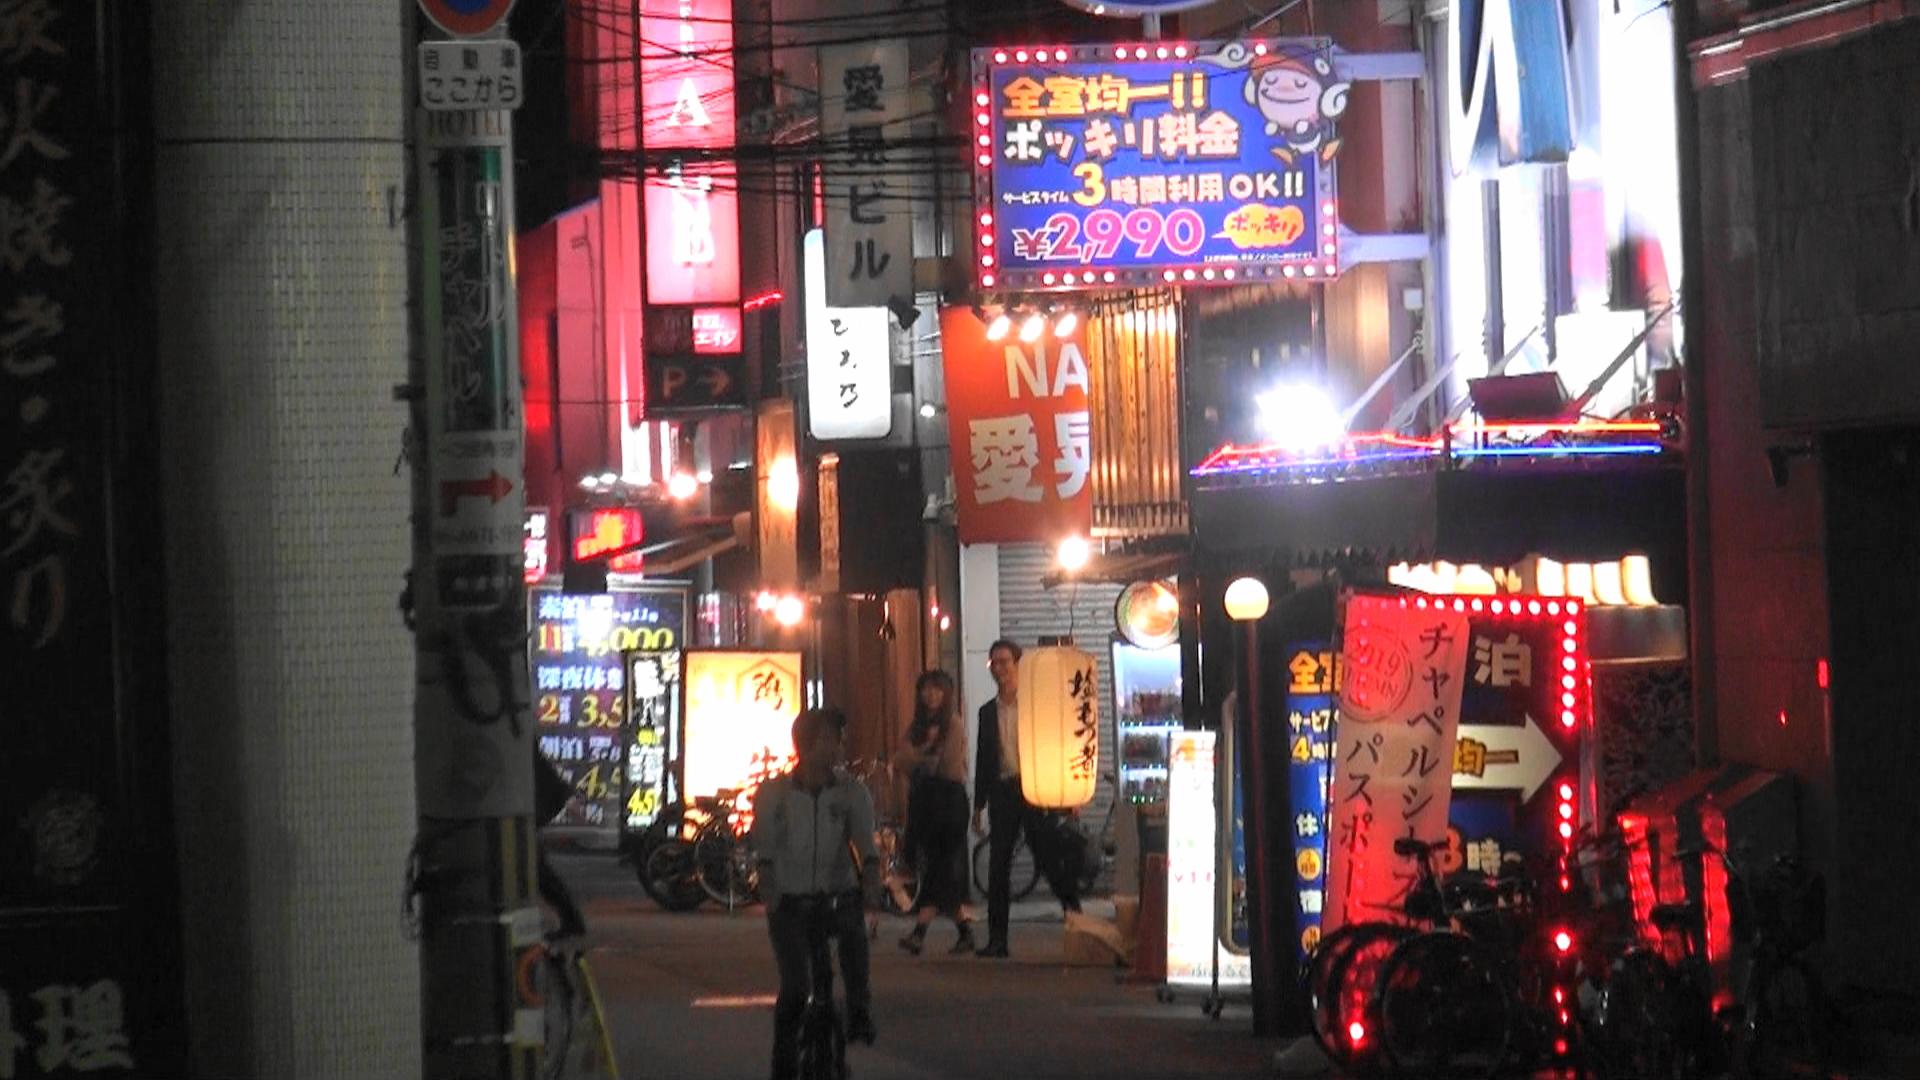 大阪の探偵が解説!「ラブホテルには入ったけどHはしていないから慰謝料は払わない!」という言い訳は通じるの?